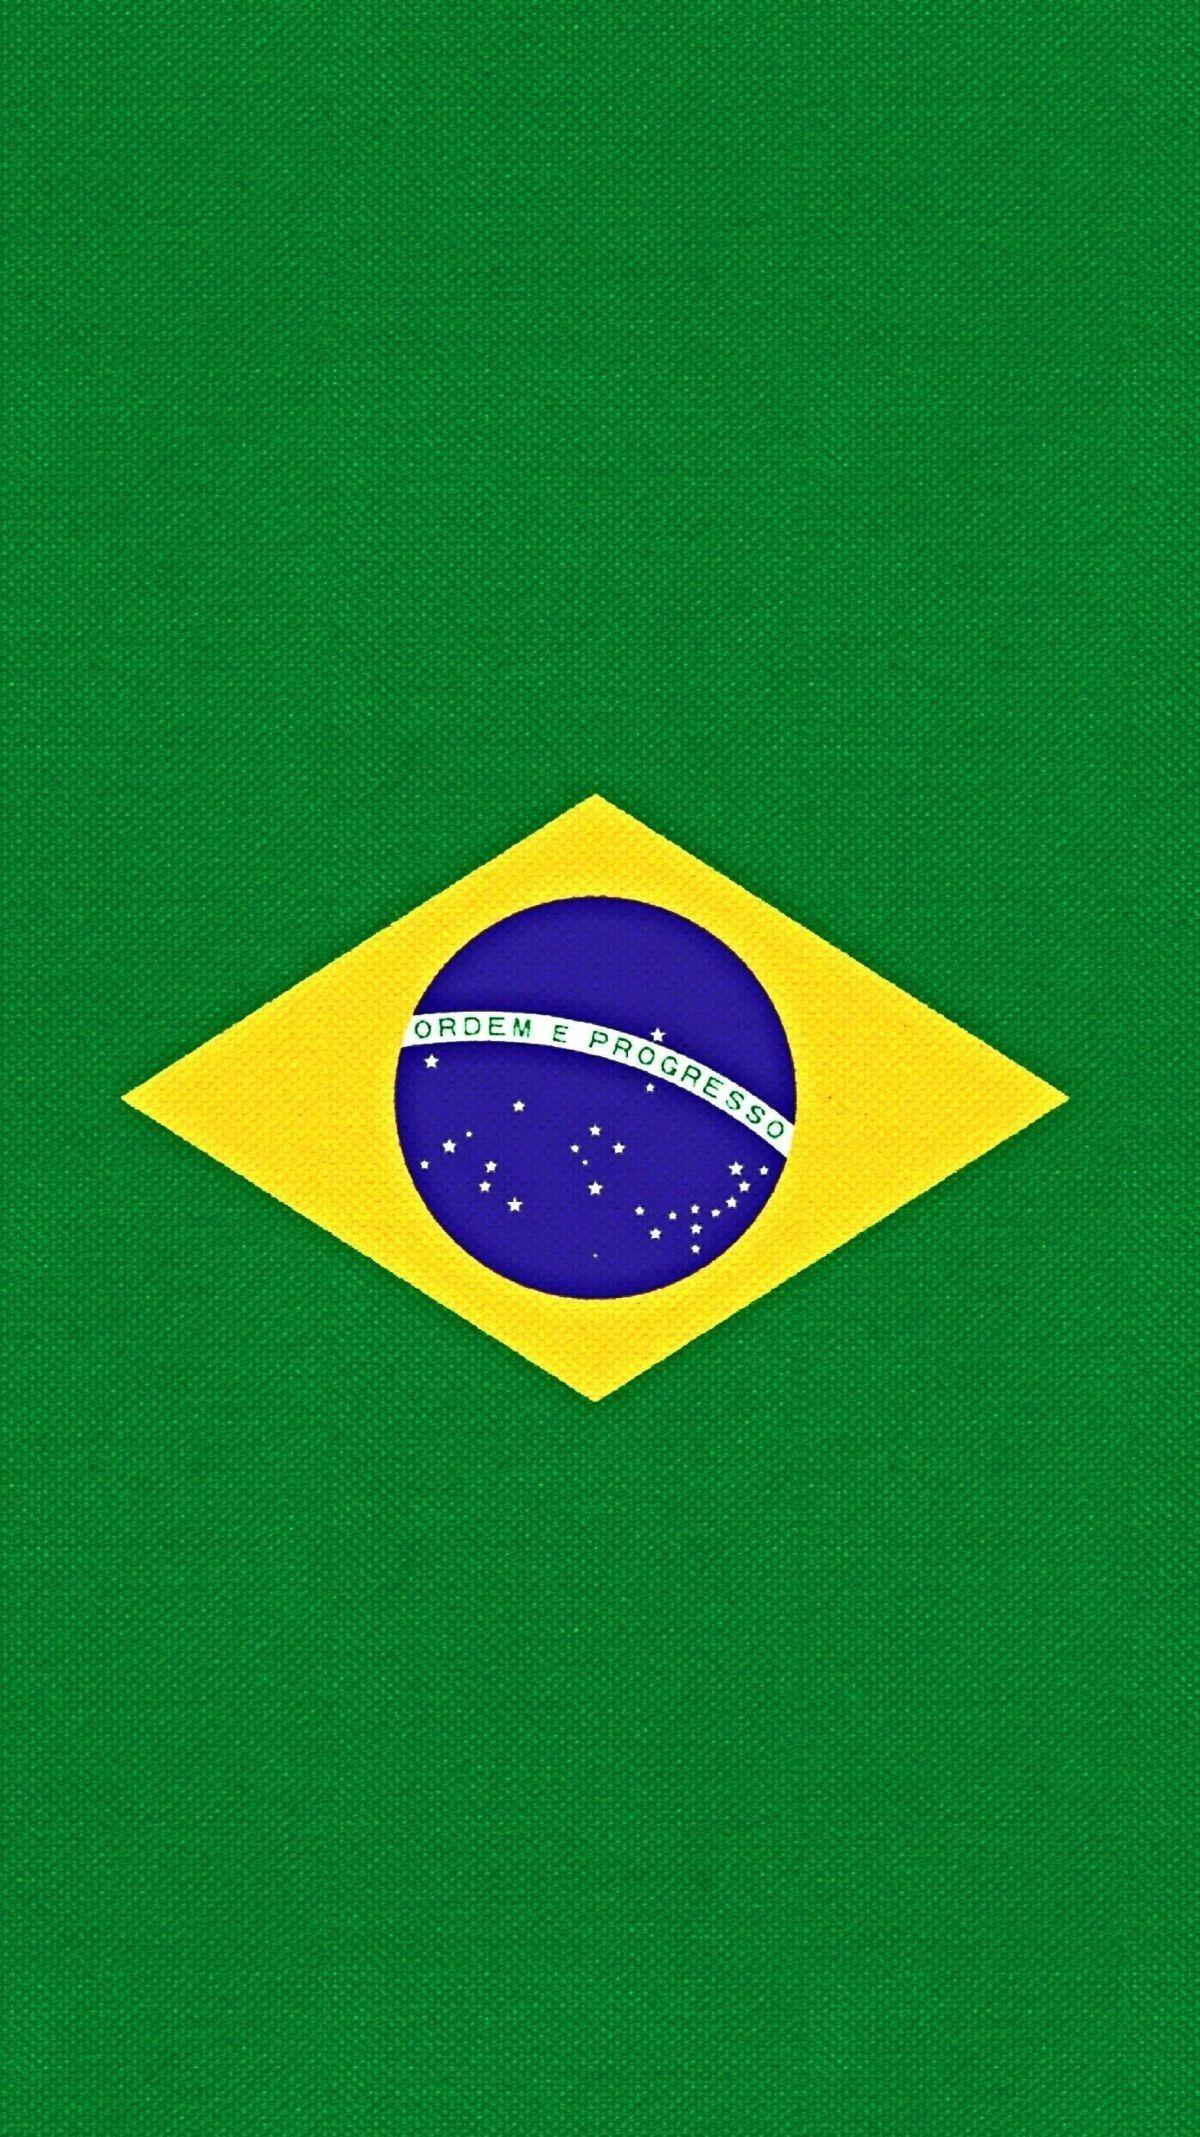 Pin De Sadama Barca10 Em Gods Of Football Bandeira Do Brasil Desenhos De Bonecas Negras Futebol Para Meninas